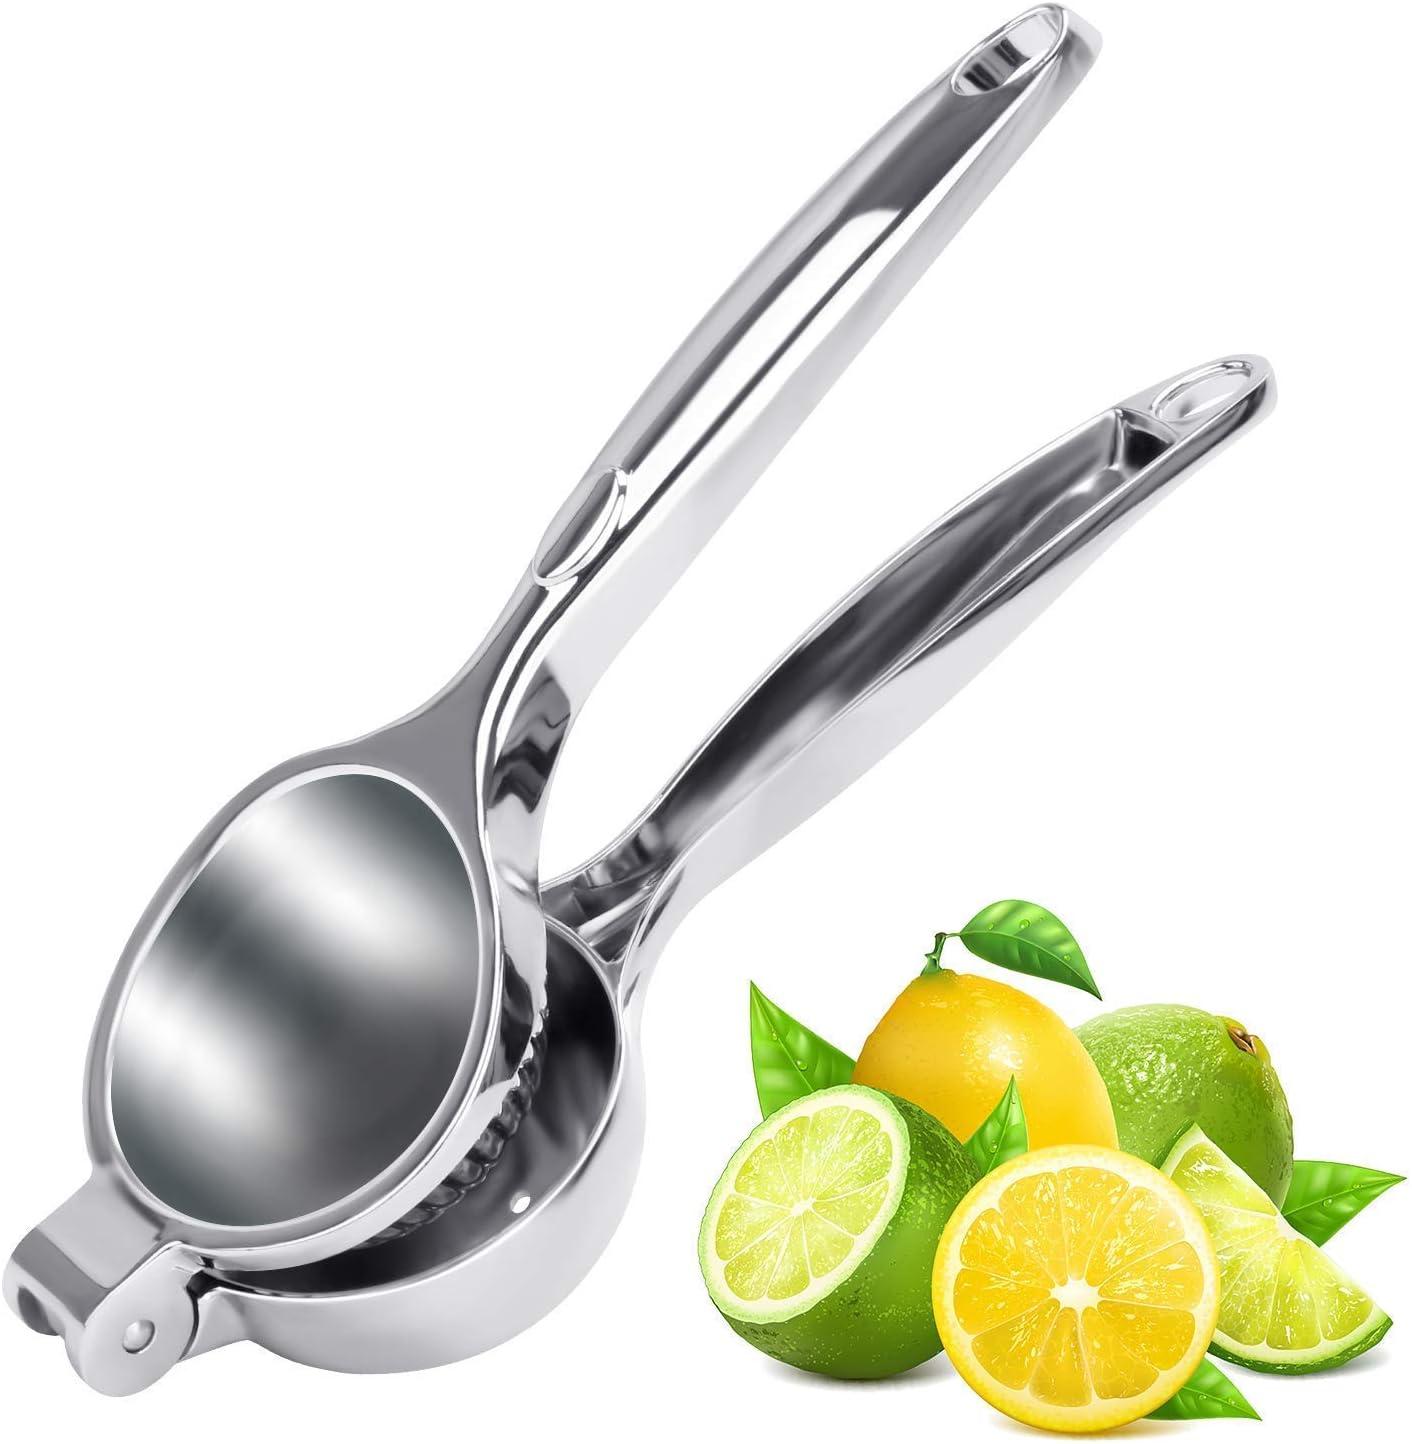 Lemon Squeezer Manual Juice Press Lemon Juicer Citrus Juicer Lime Juicer Hand Held Stainless Steel Industrial Juice Press